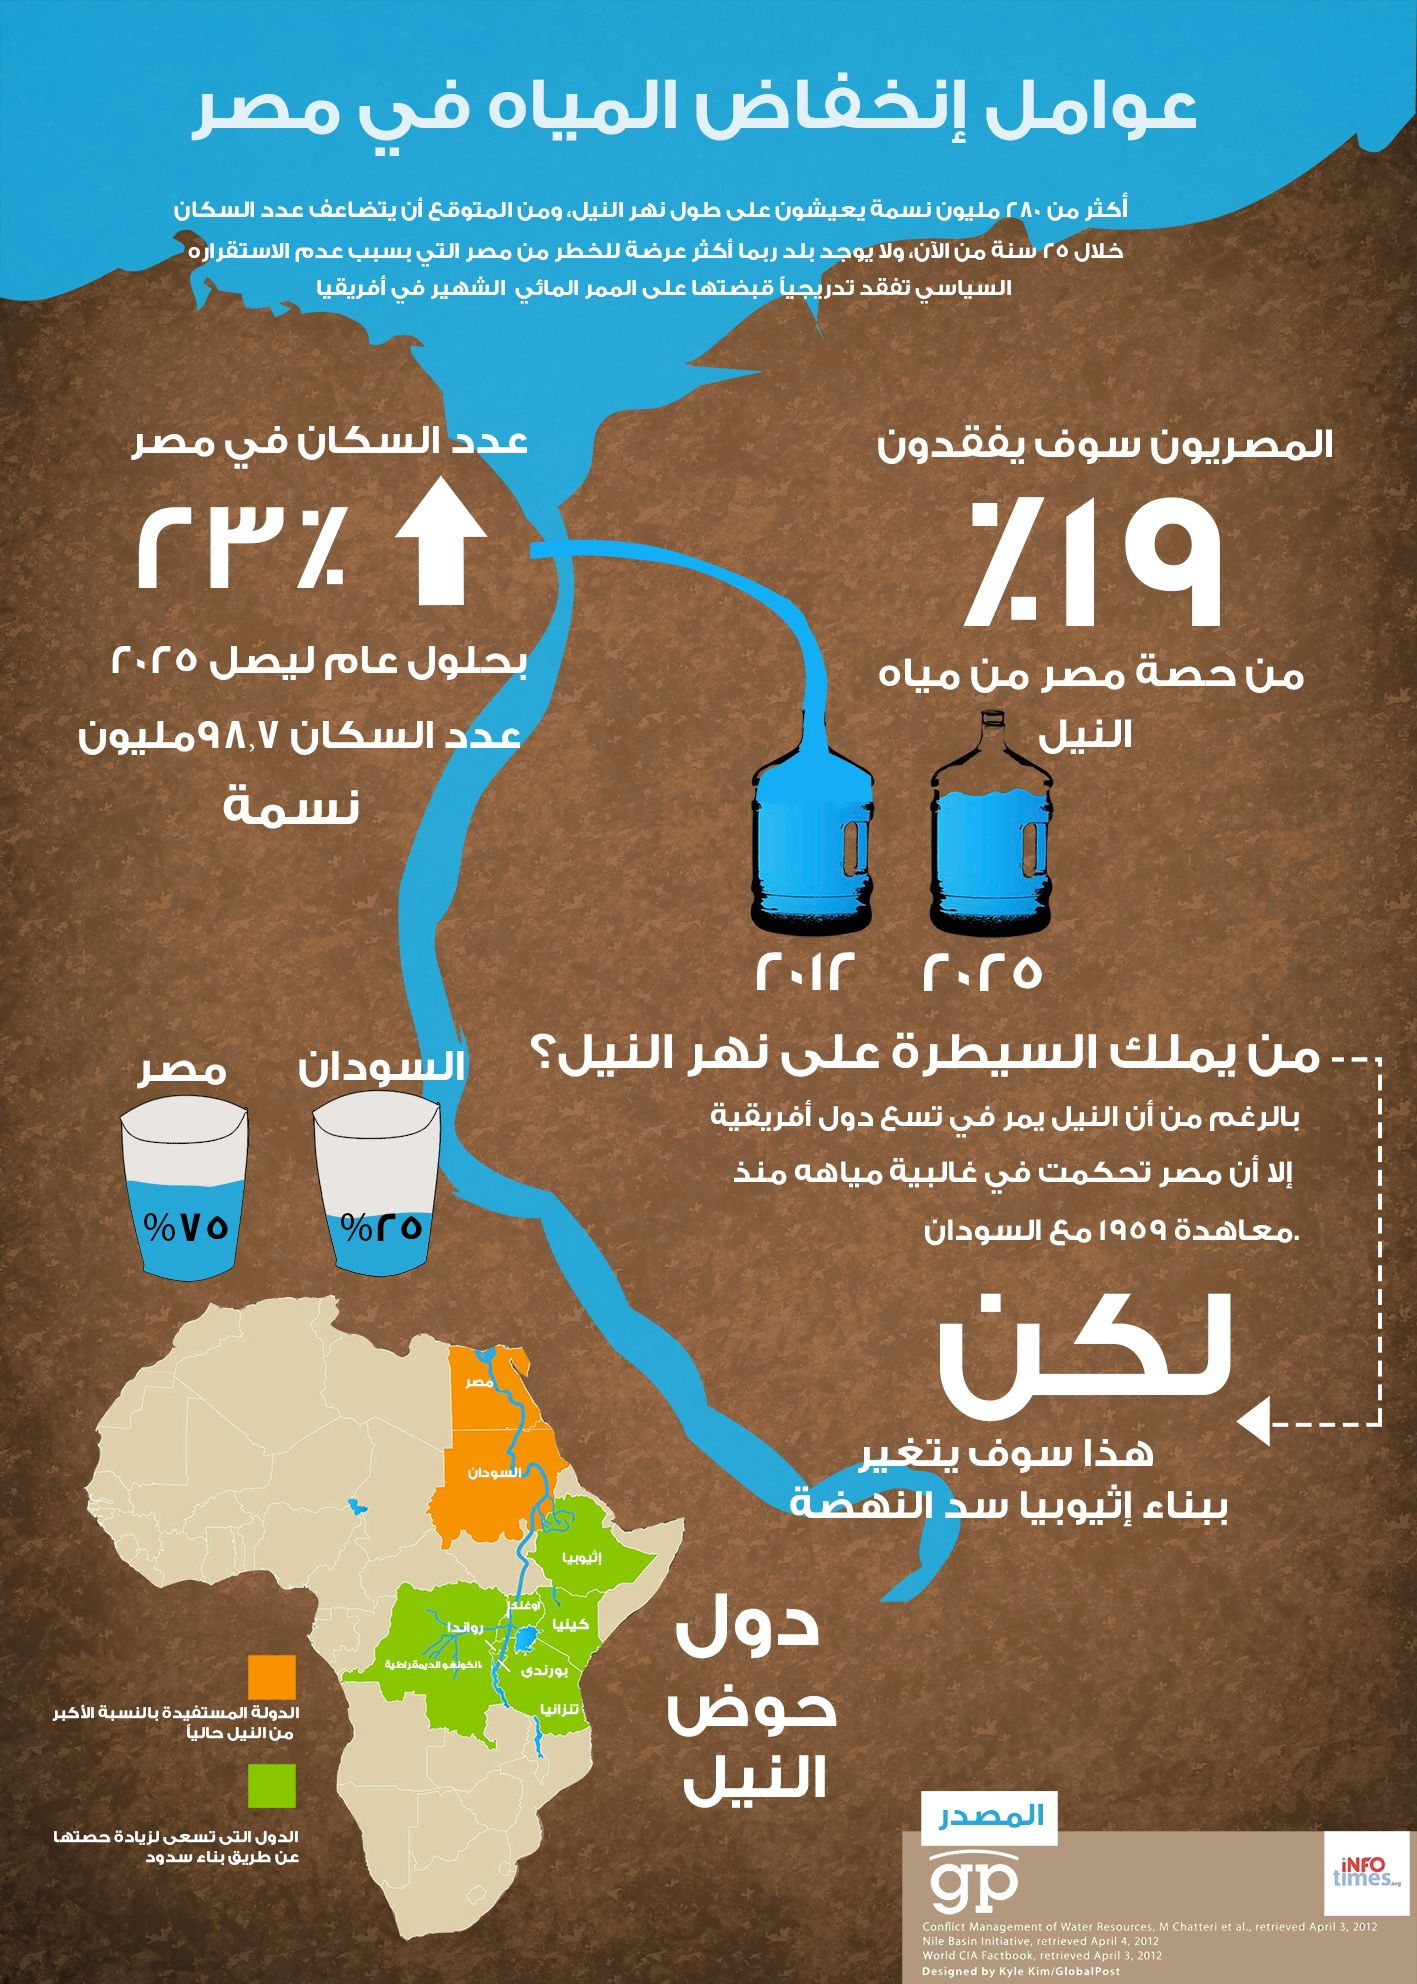 مخططات المعلومات إنفوجرافيكس بدأت تأخذ دورها في إنشاء محتوى عربي أصيل من مخططات المعلومات بدءا بالمعلومات المأخ Infographic Islamic Quotes Allah Wallpaper